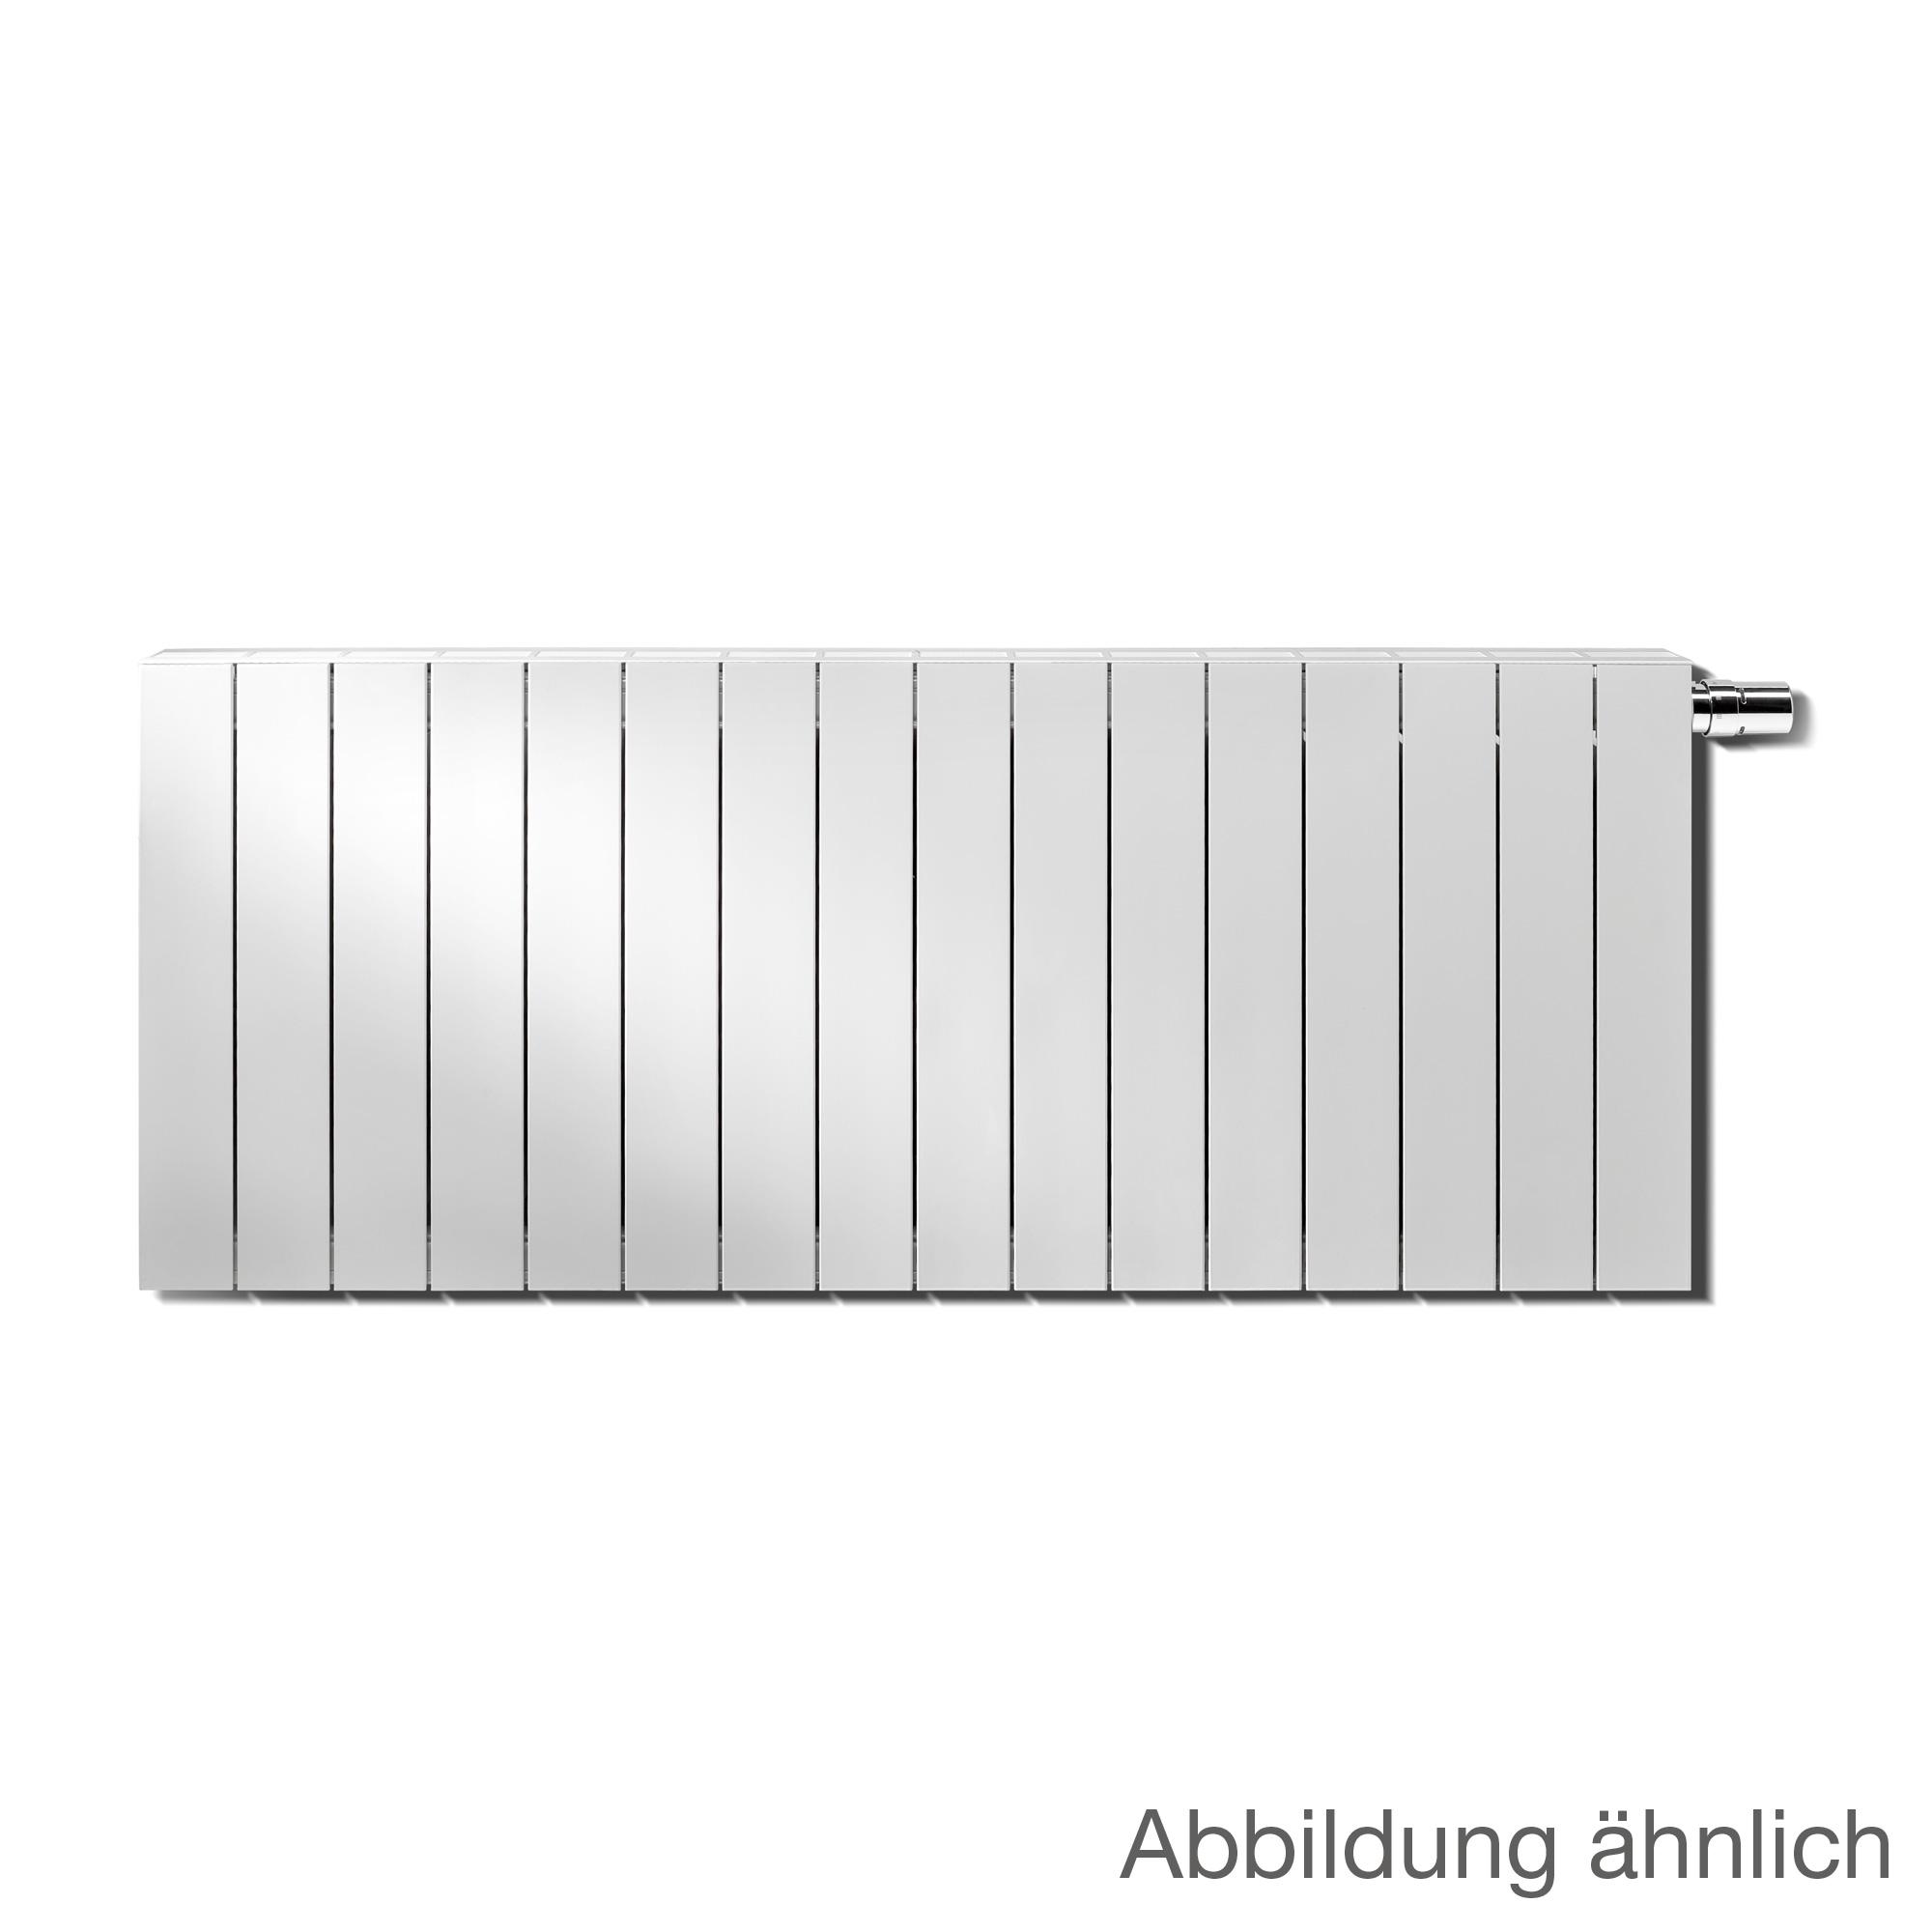 vasco zaros h100 horizontal heizk rper mit integriertem ventil und thermostatkopf wei breite. Black Bedroom Furniture Sets. Home Design Ideas